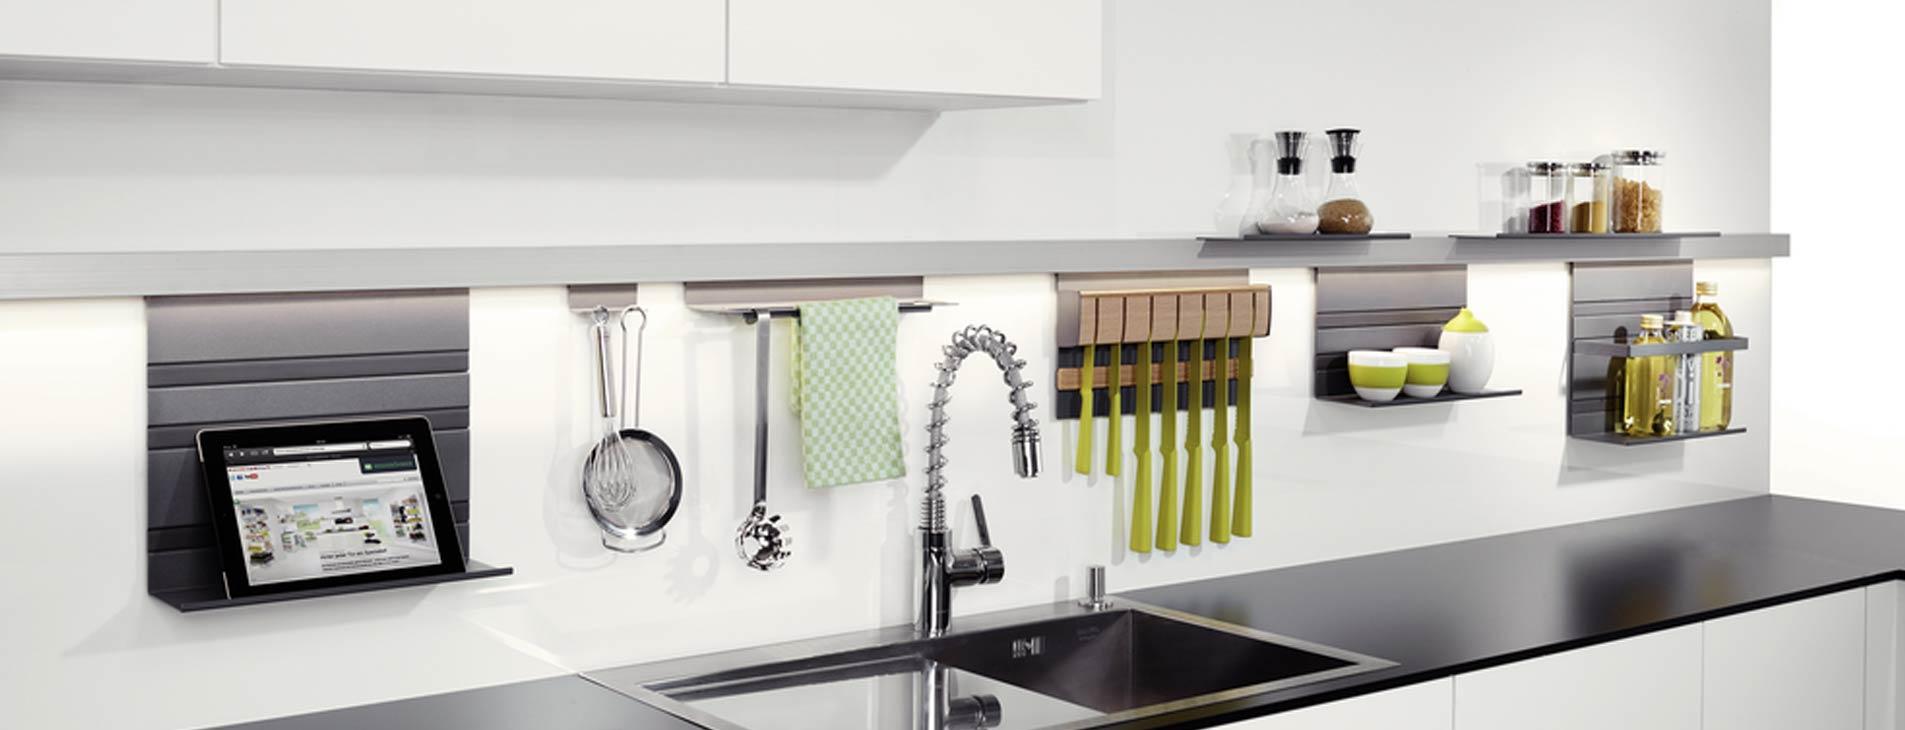 Organiser Meuble Sous Evier equipements de cuisine - cookenstock n°1 de la vente de matériel